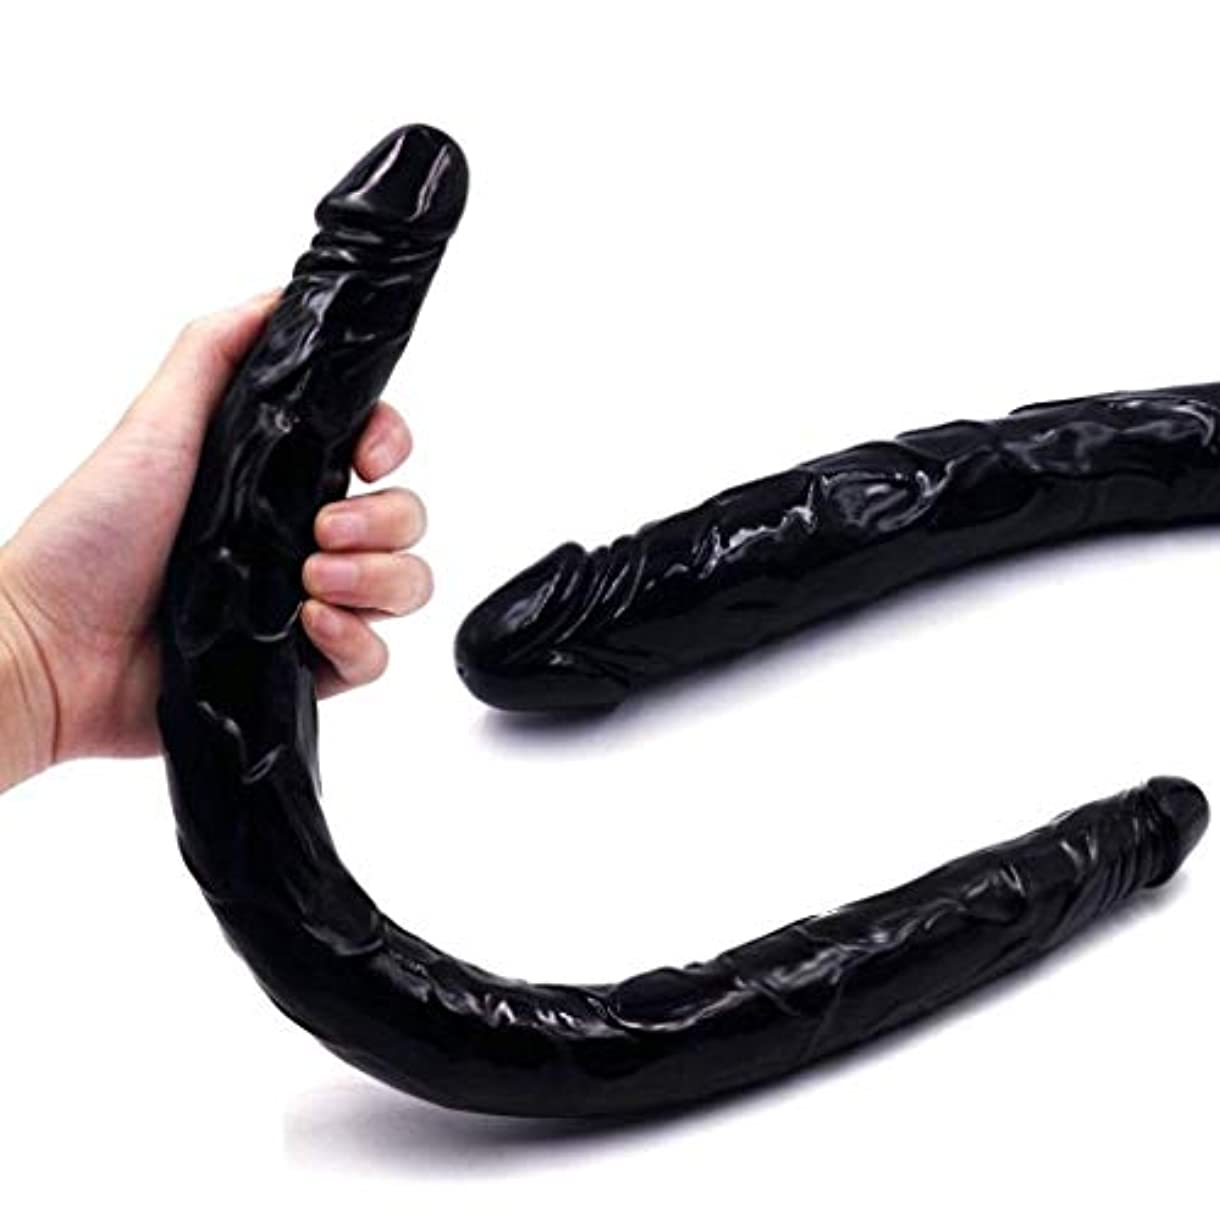 経度どこでもインストールRisareyi 女性の初心者のための3DのリアルなPenisのdi?doのおもちゃポリ塩化ビニール材料の口頭おもちゃ (Color : Flesh)